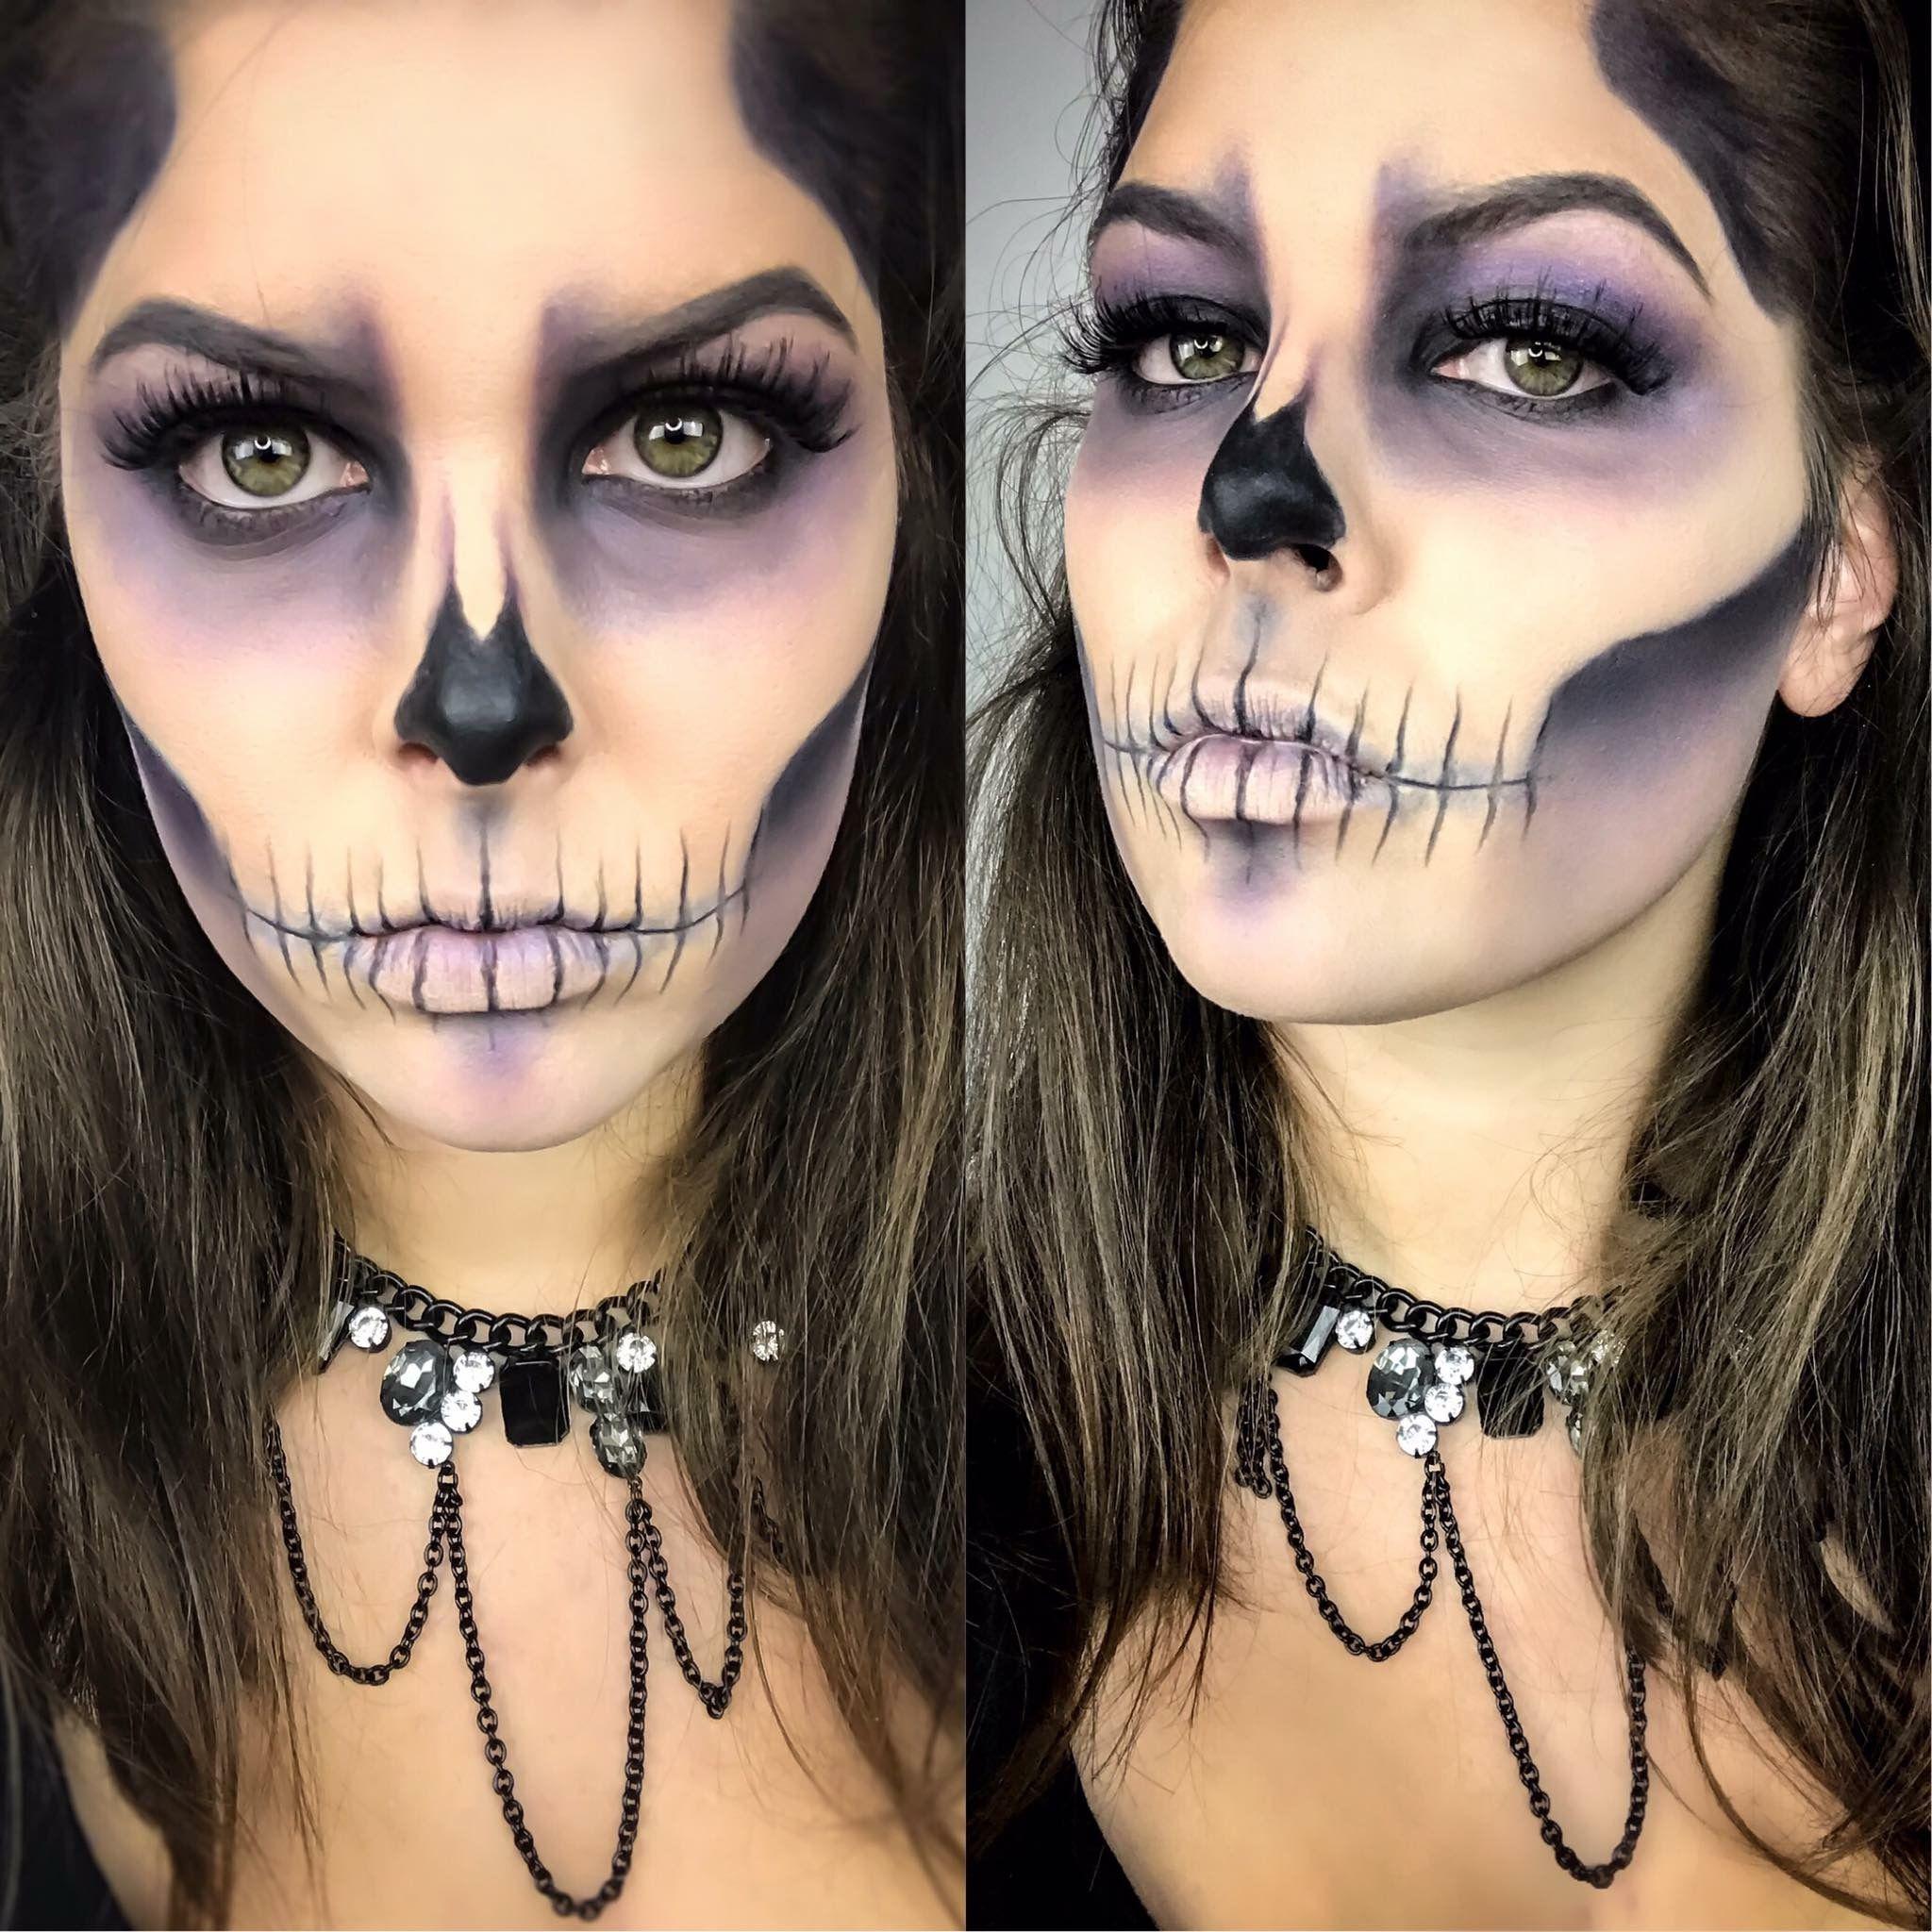 13 Amazing Halloween Makeup Tutorials to Try | Halloween makeup ...